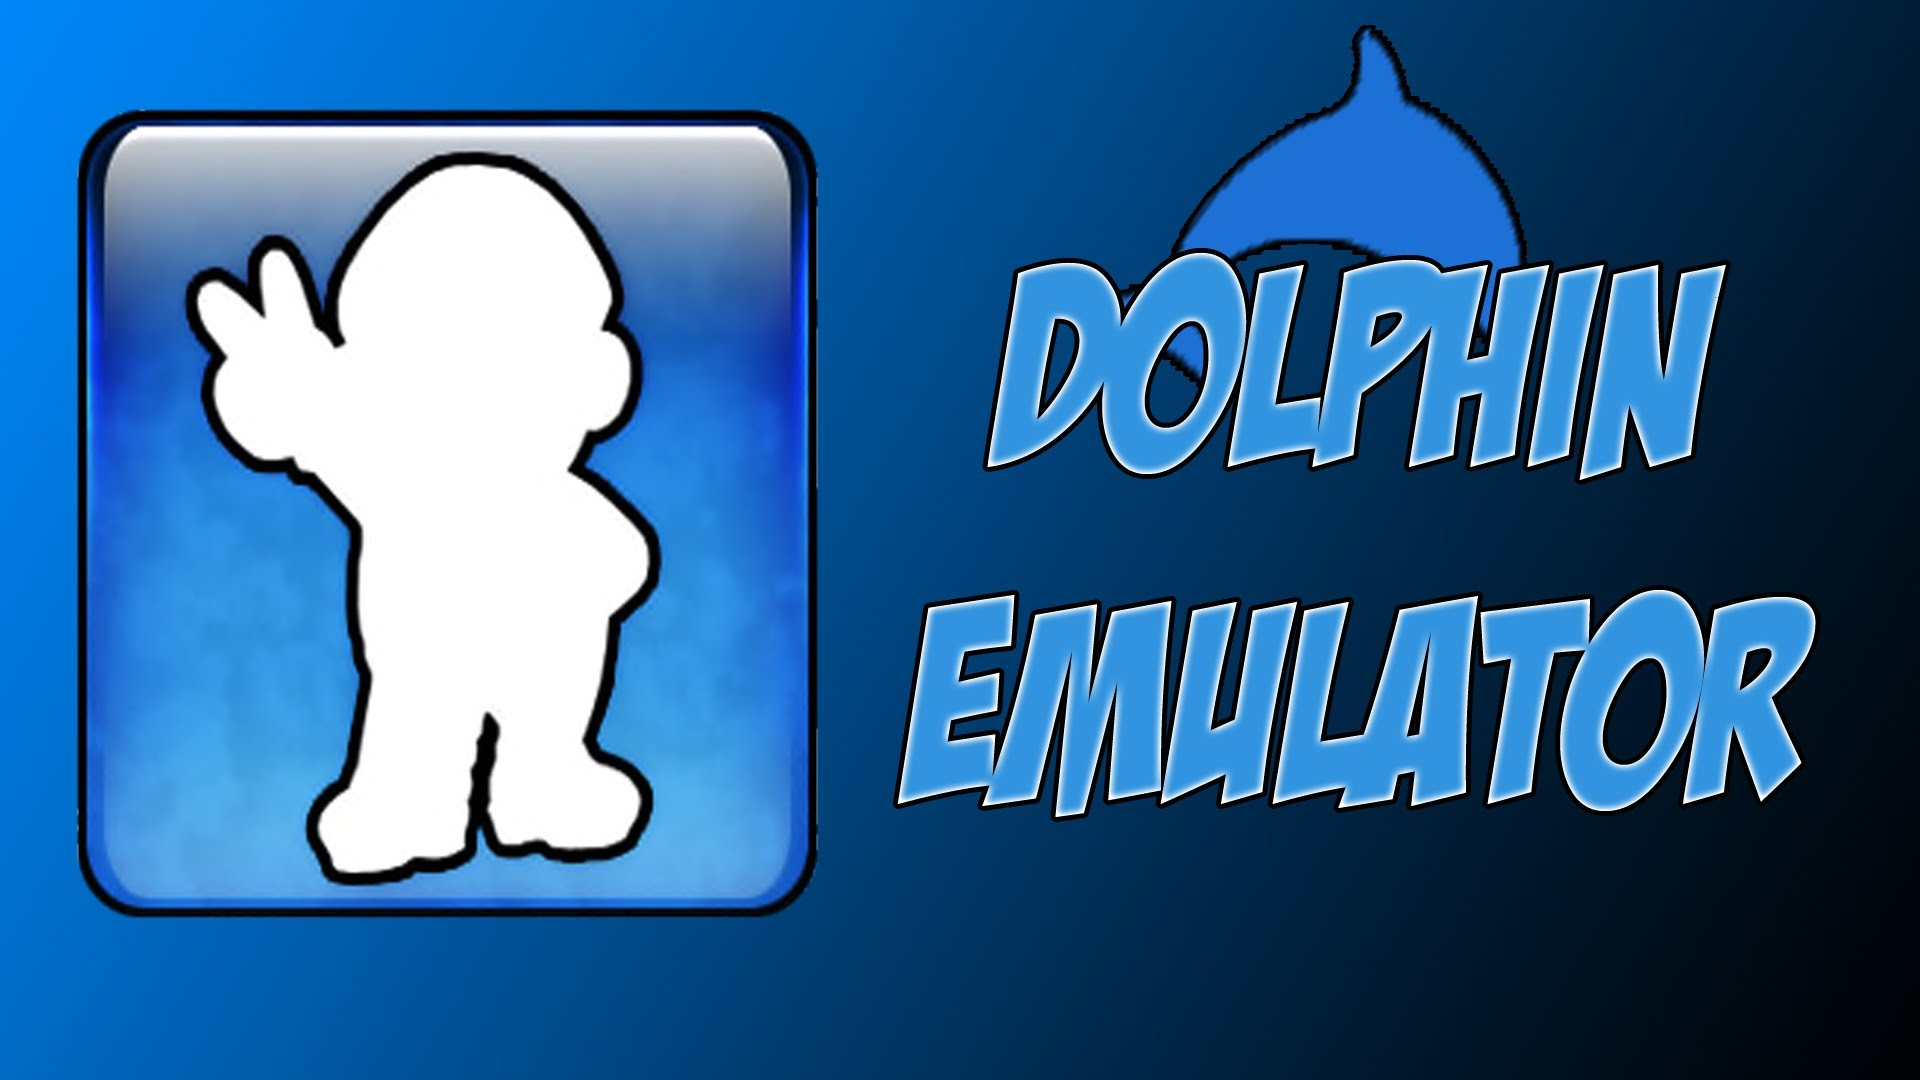 Dolphin X86